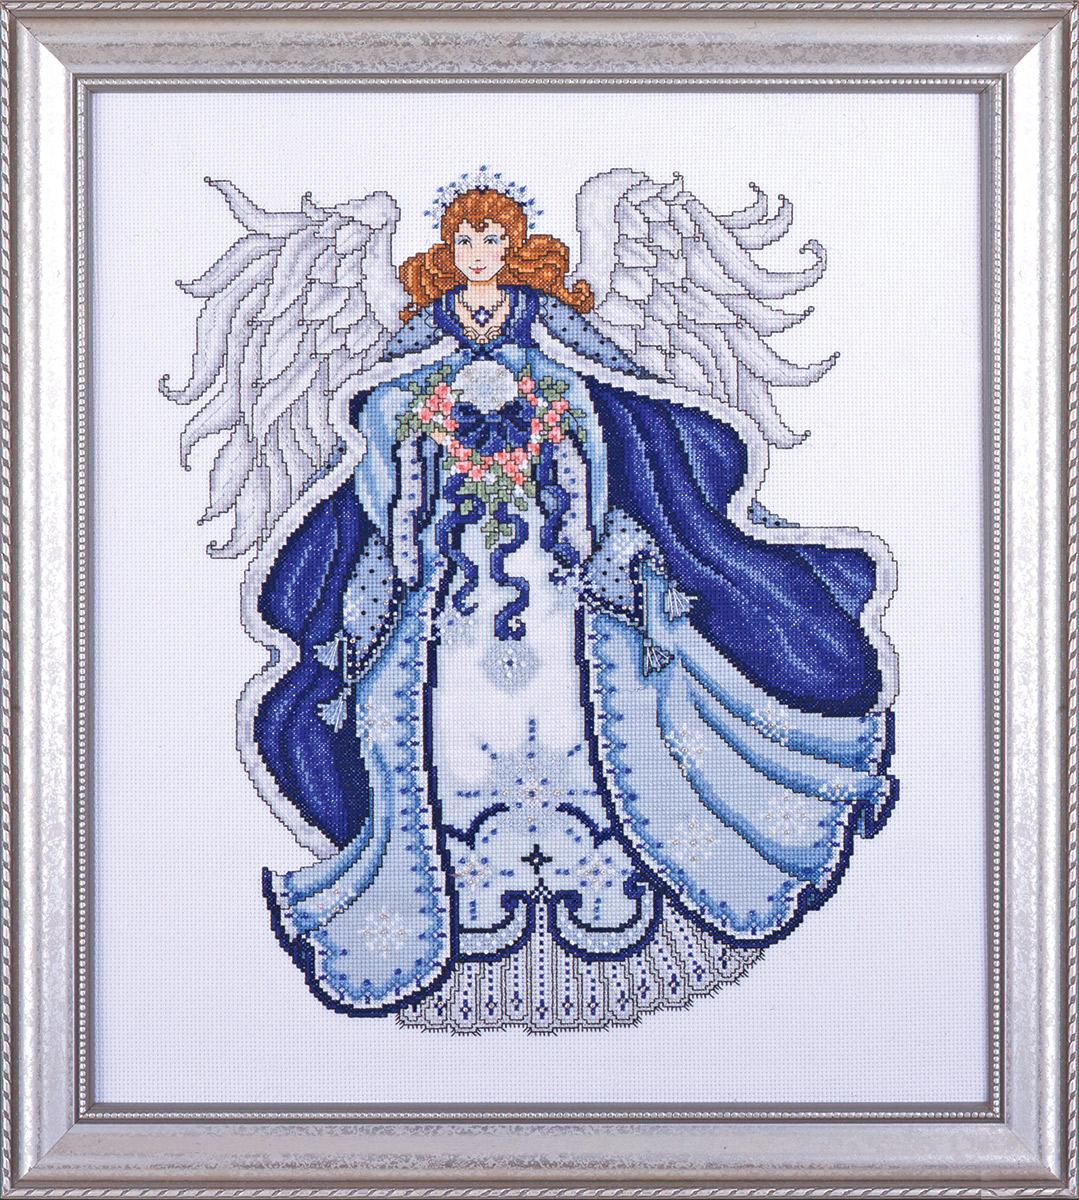 Набор для вышивания крестом Design Works Ангел снега, 40 х 46 см5499По рисунку Шелли Раше (Angel of Snow, Shelly Rasche).;Канва Аида 14 (100% хлопок), нитки мулине (100% хлопок), бусины, игла, подробная инструкция со схемой вышивки на русском языке